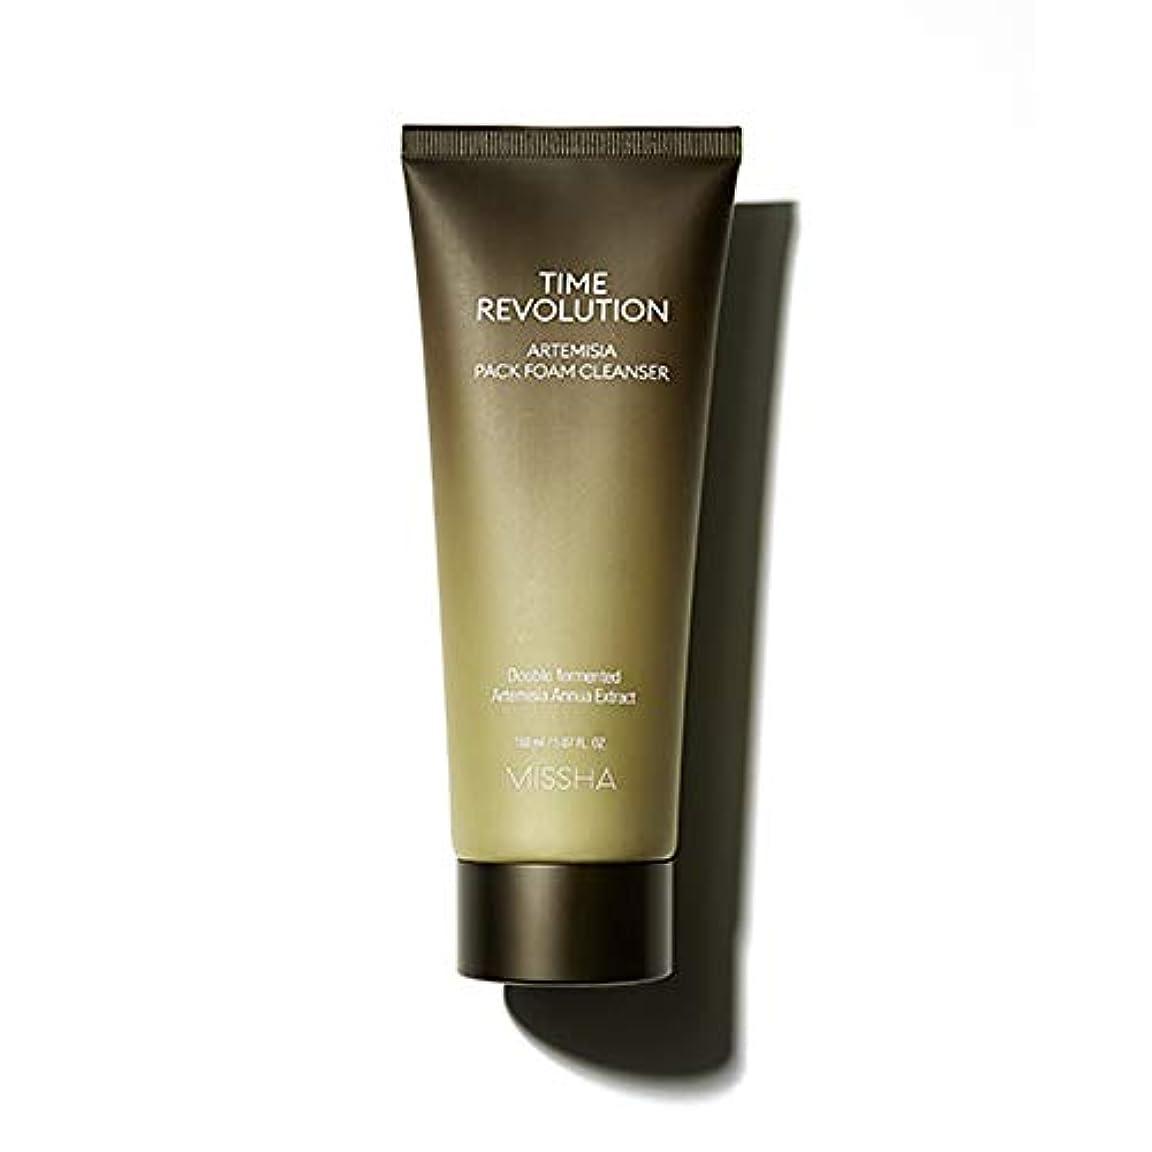 中古ビバ一握りMissha Time Revolution Artemisia Pack Foam Cleanser 150ml ミシャ タイム レボリューション アルテミシア パック ィー フォームクレンザー [並行輸入品]